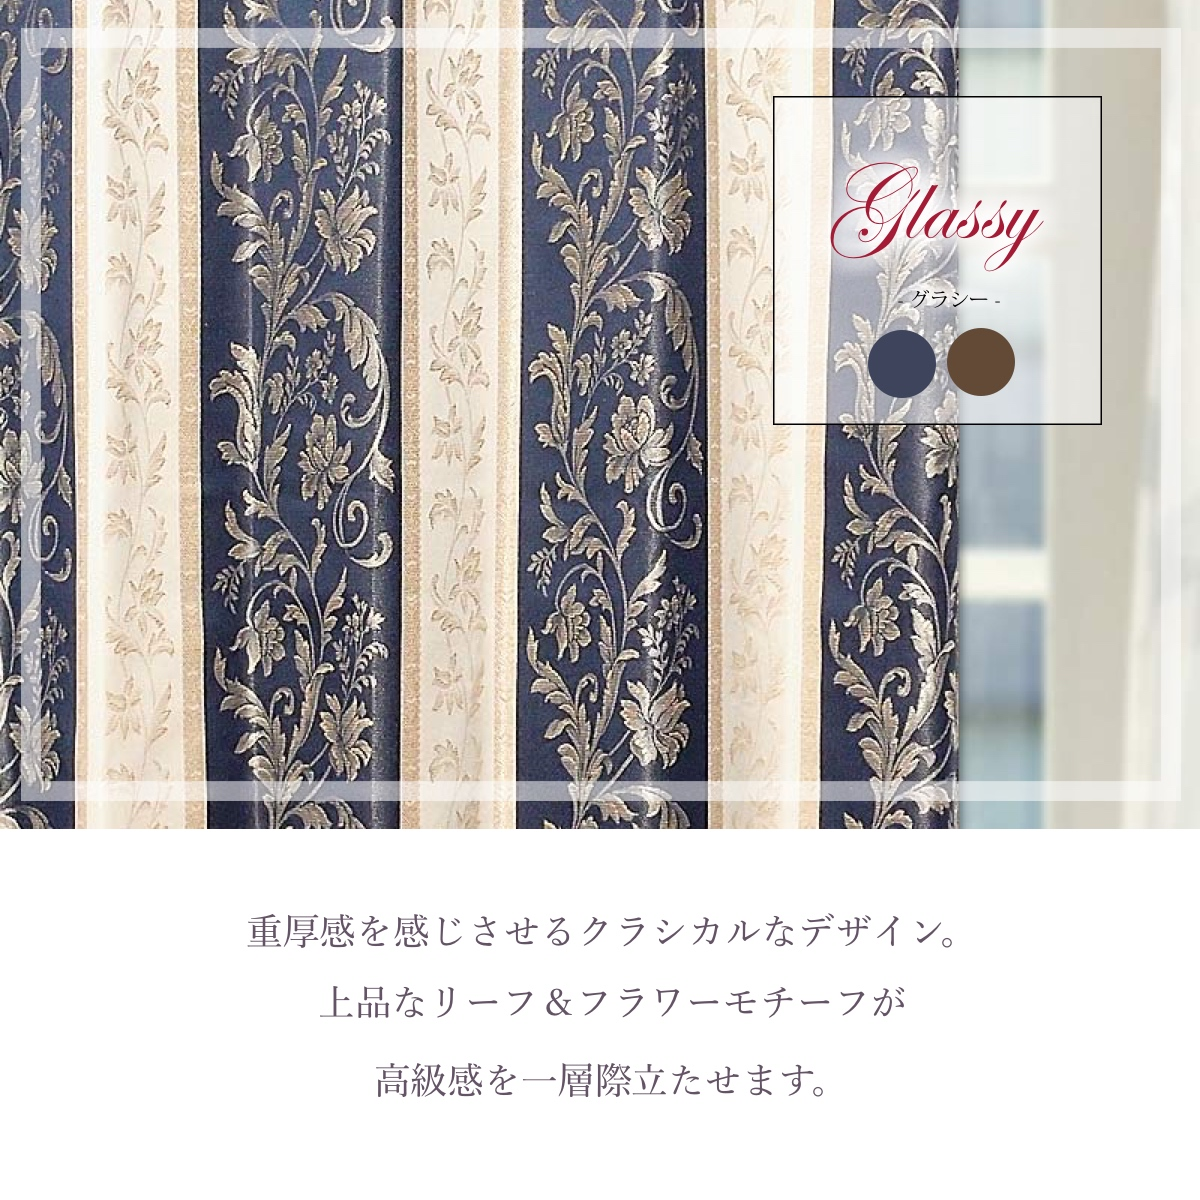 重厚感を感じさせるクラシカルなデザインカーテン。上品なリーフ&フラワーモチーフが高級感を一層際立たせます。